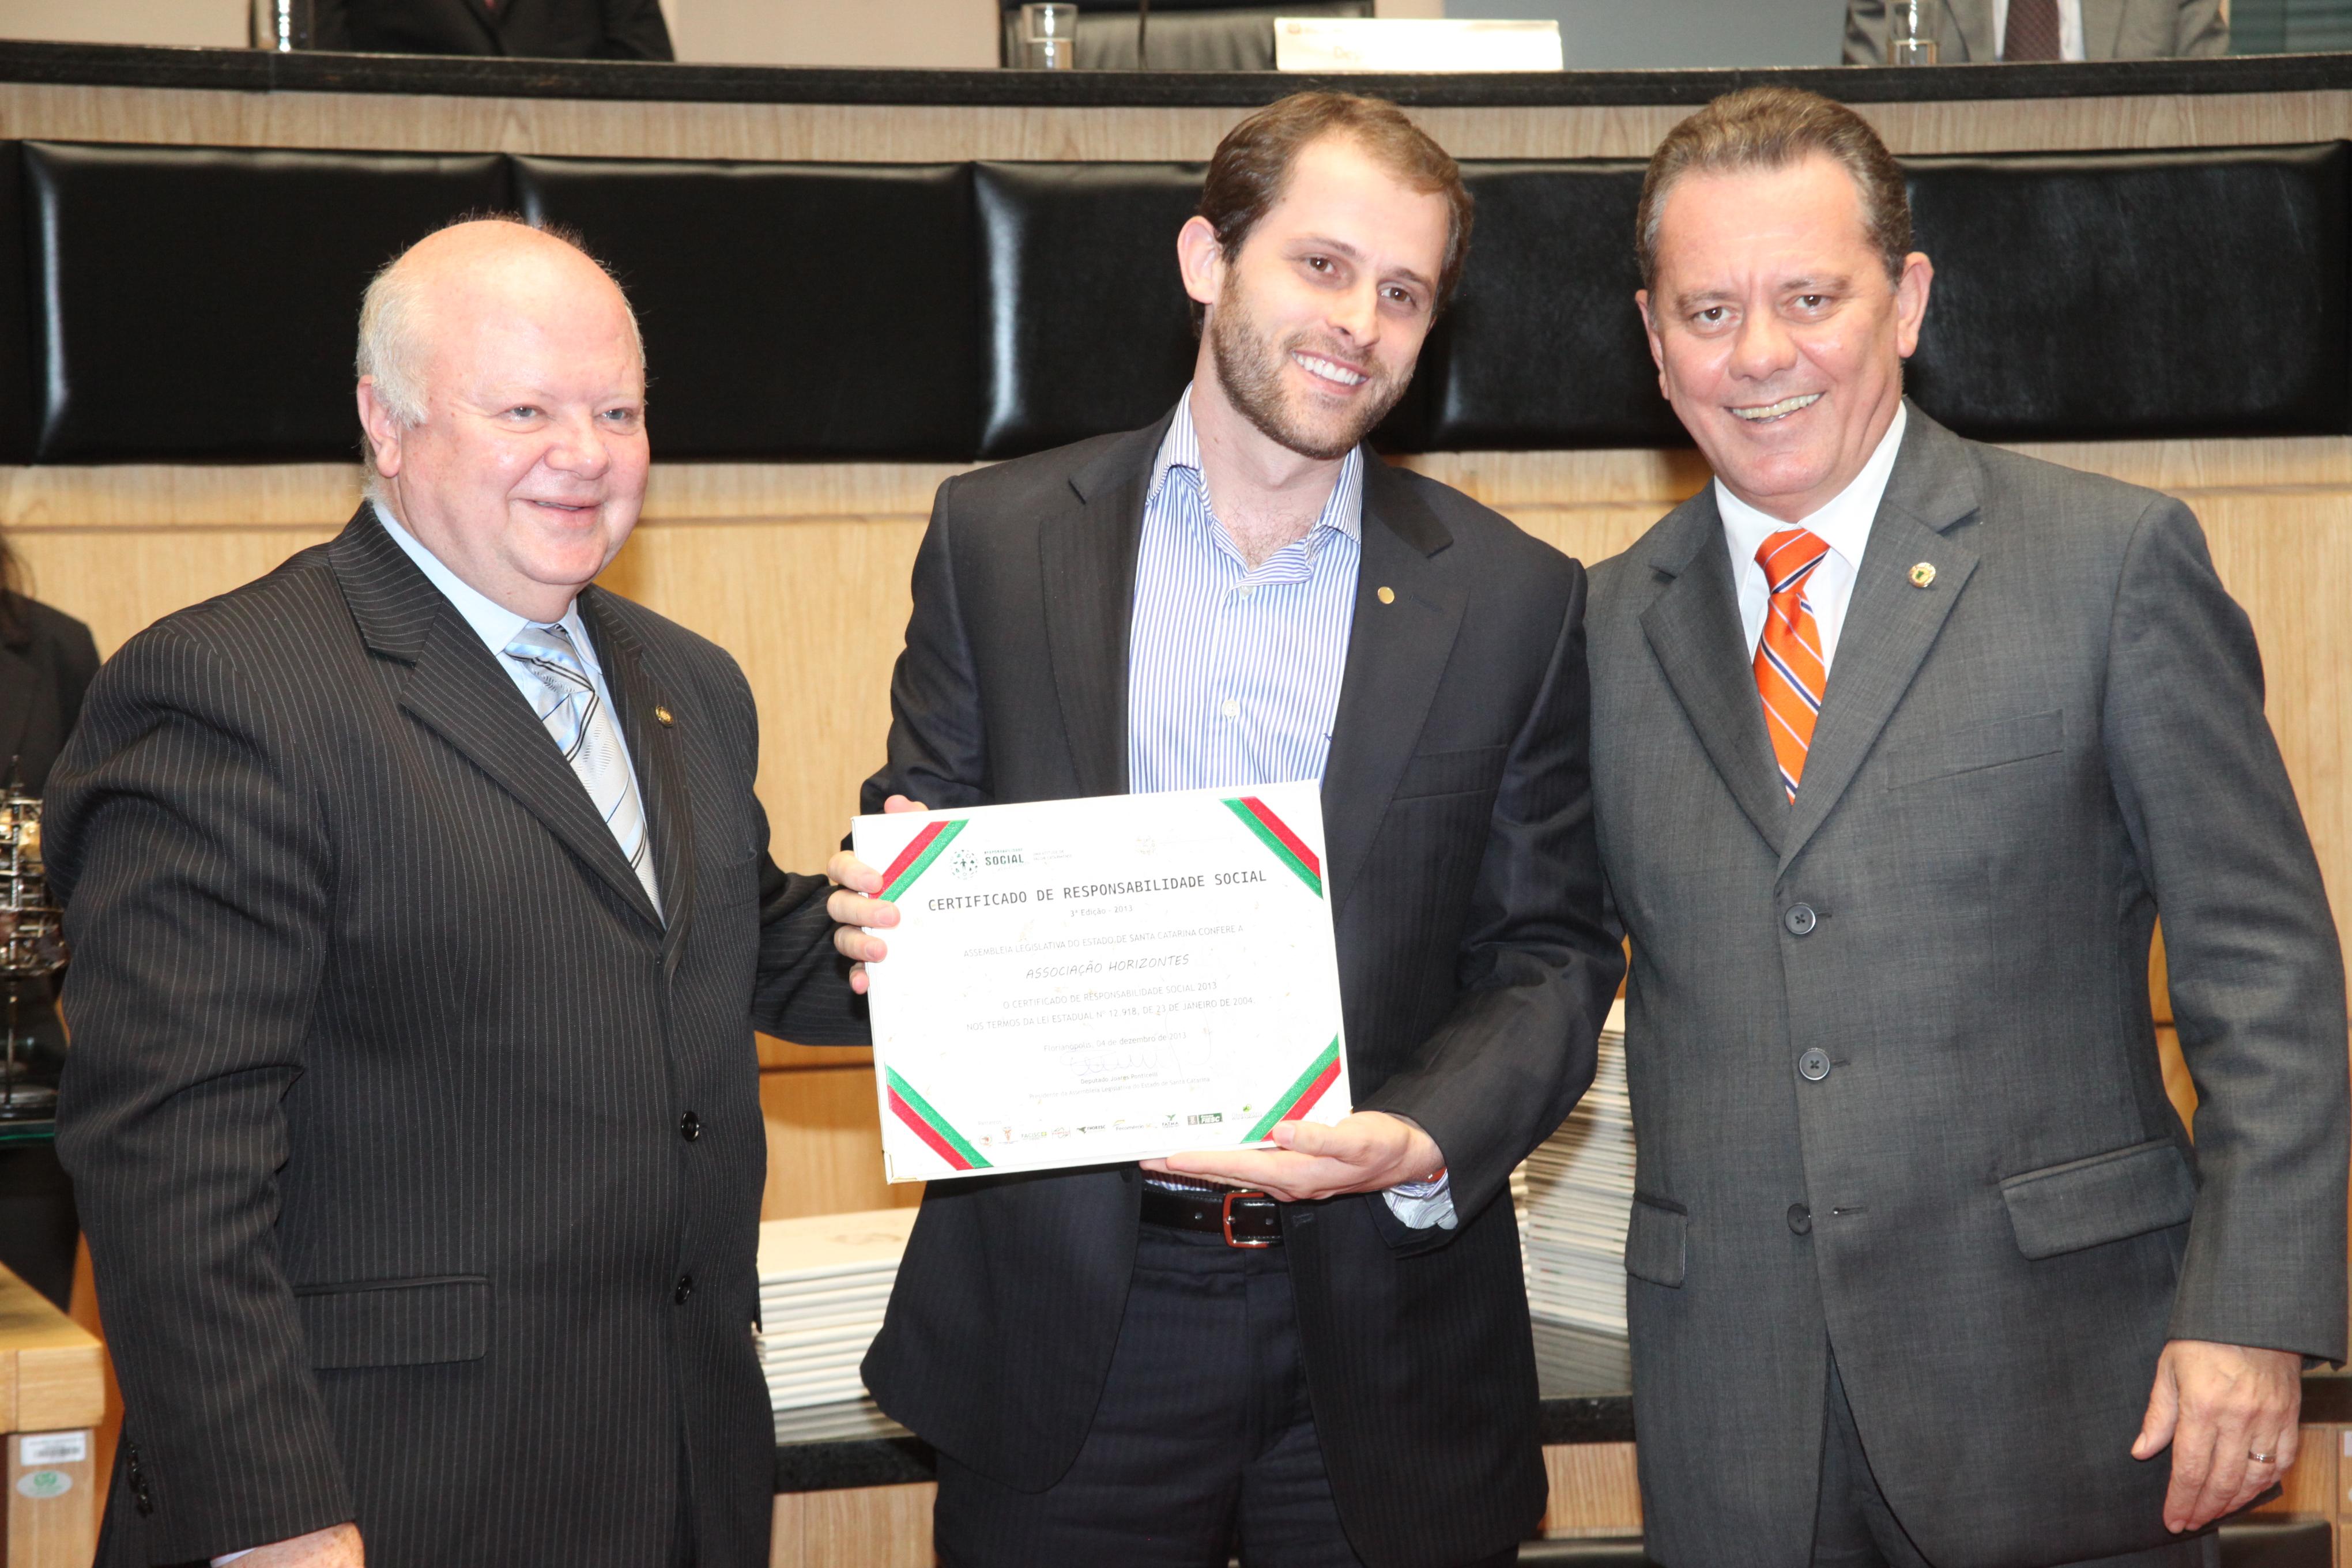 Solenidade de entrega de Certificação de Responsabilidade Social - 2013